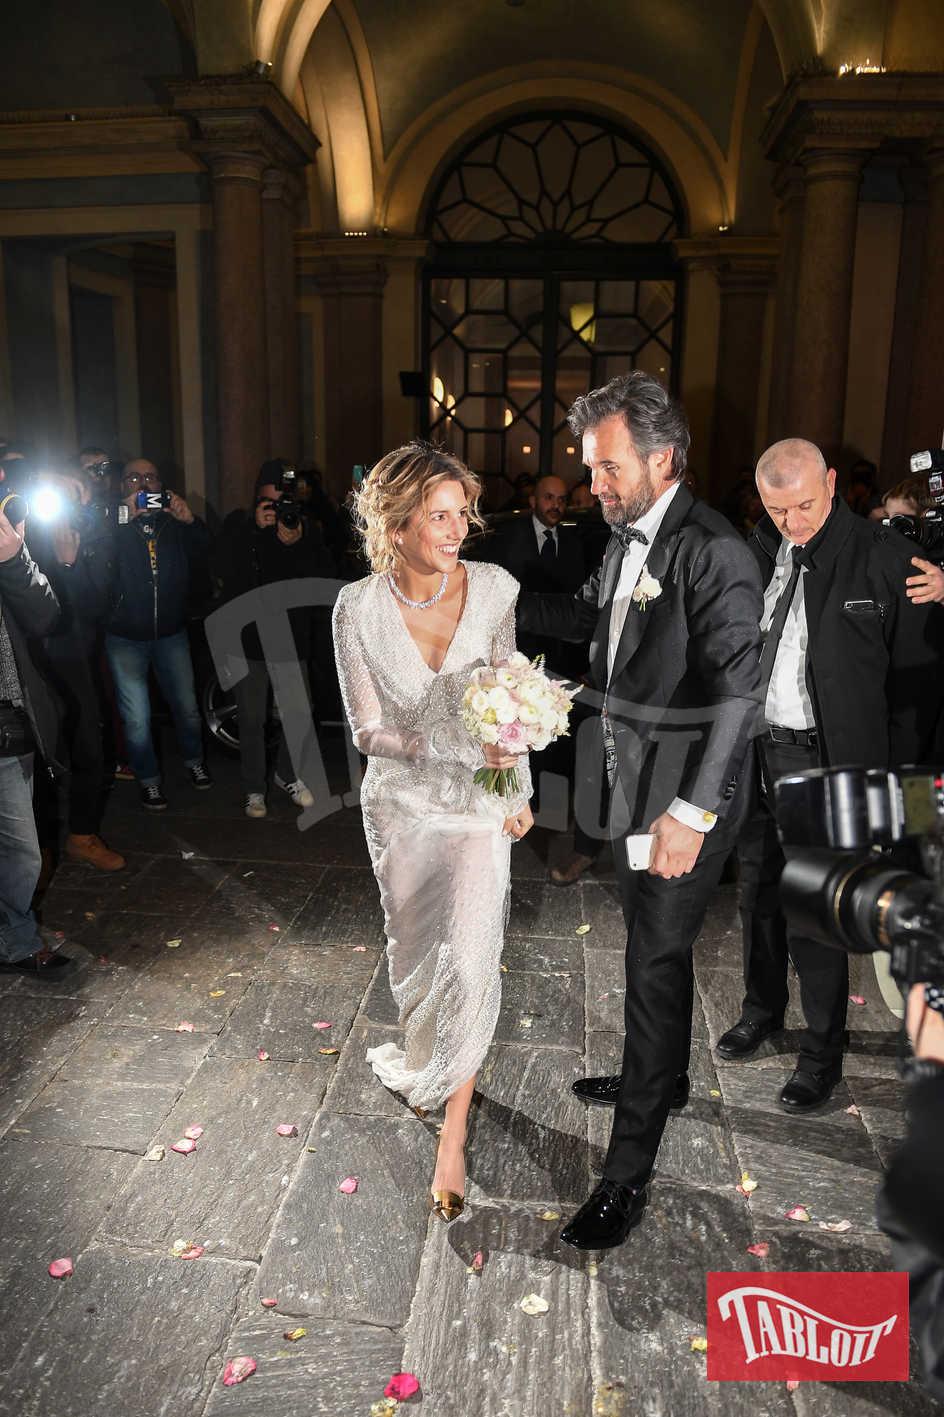 Elegantissimi gli sposi: lui in smoking nero con papillon, lei con abito avorio ricoperto da strass dalla scollatura a V